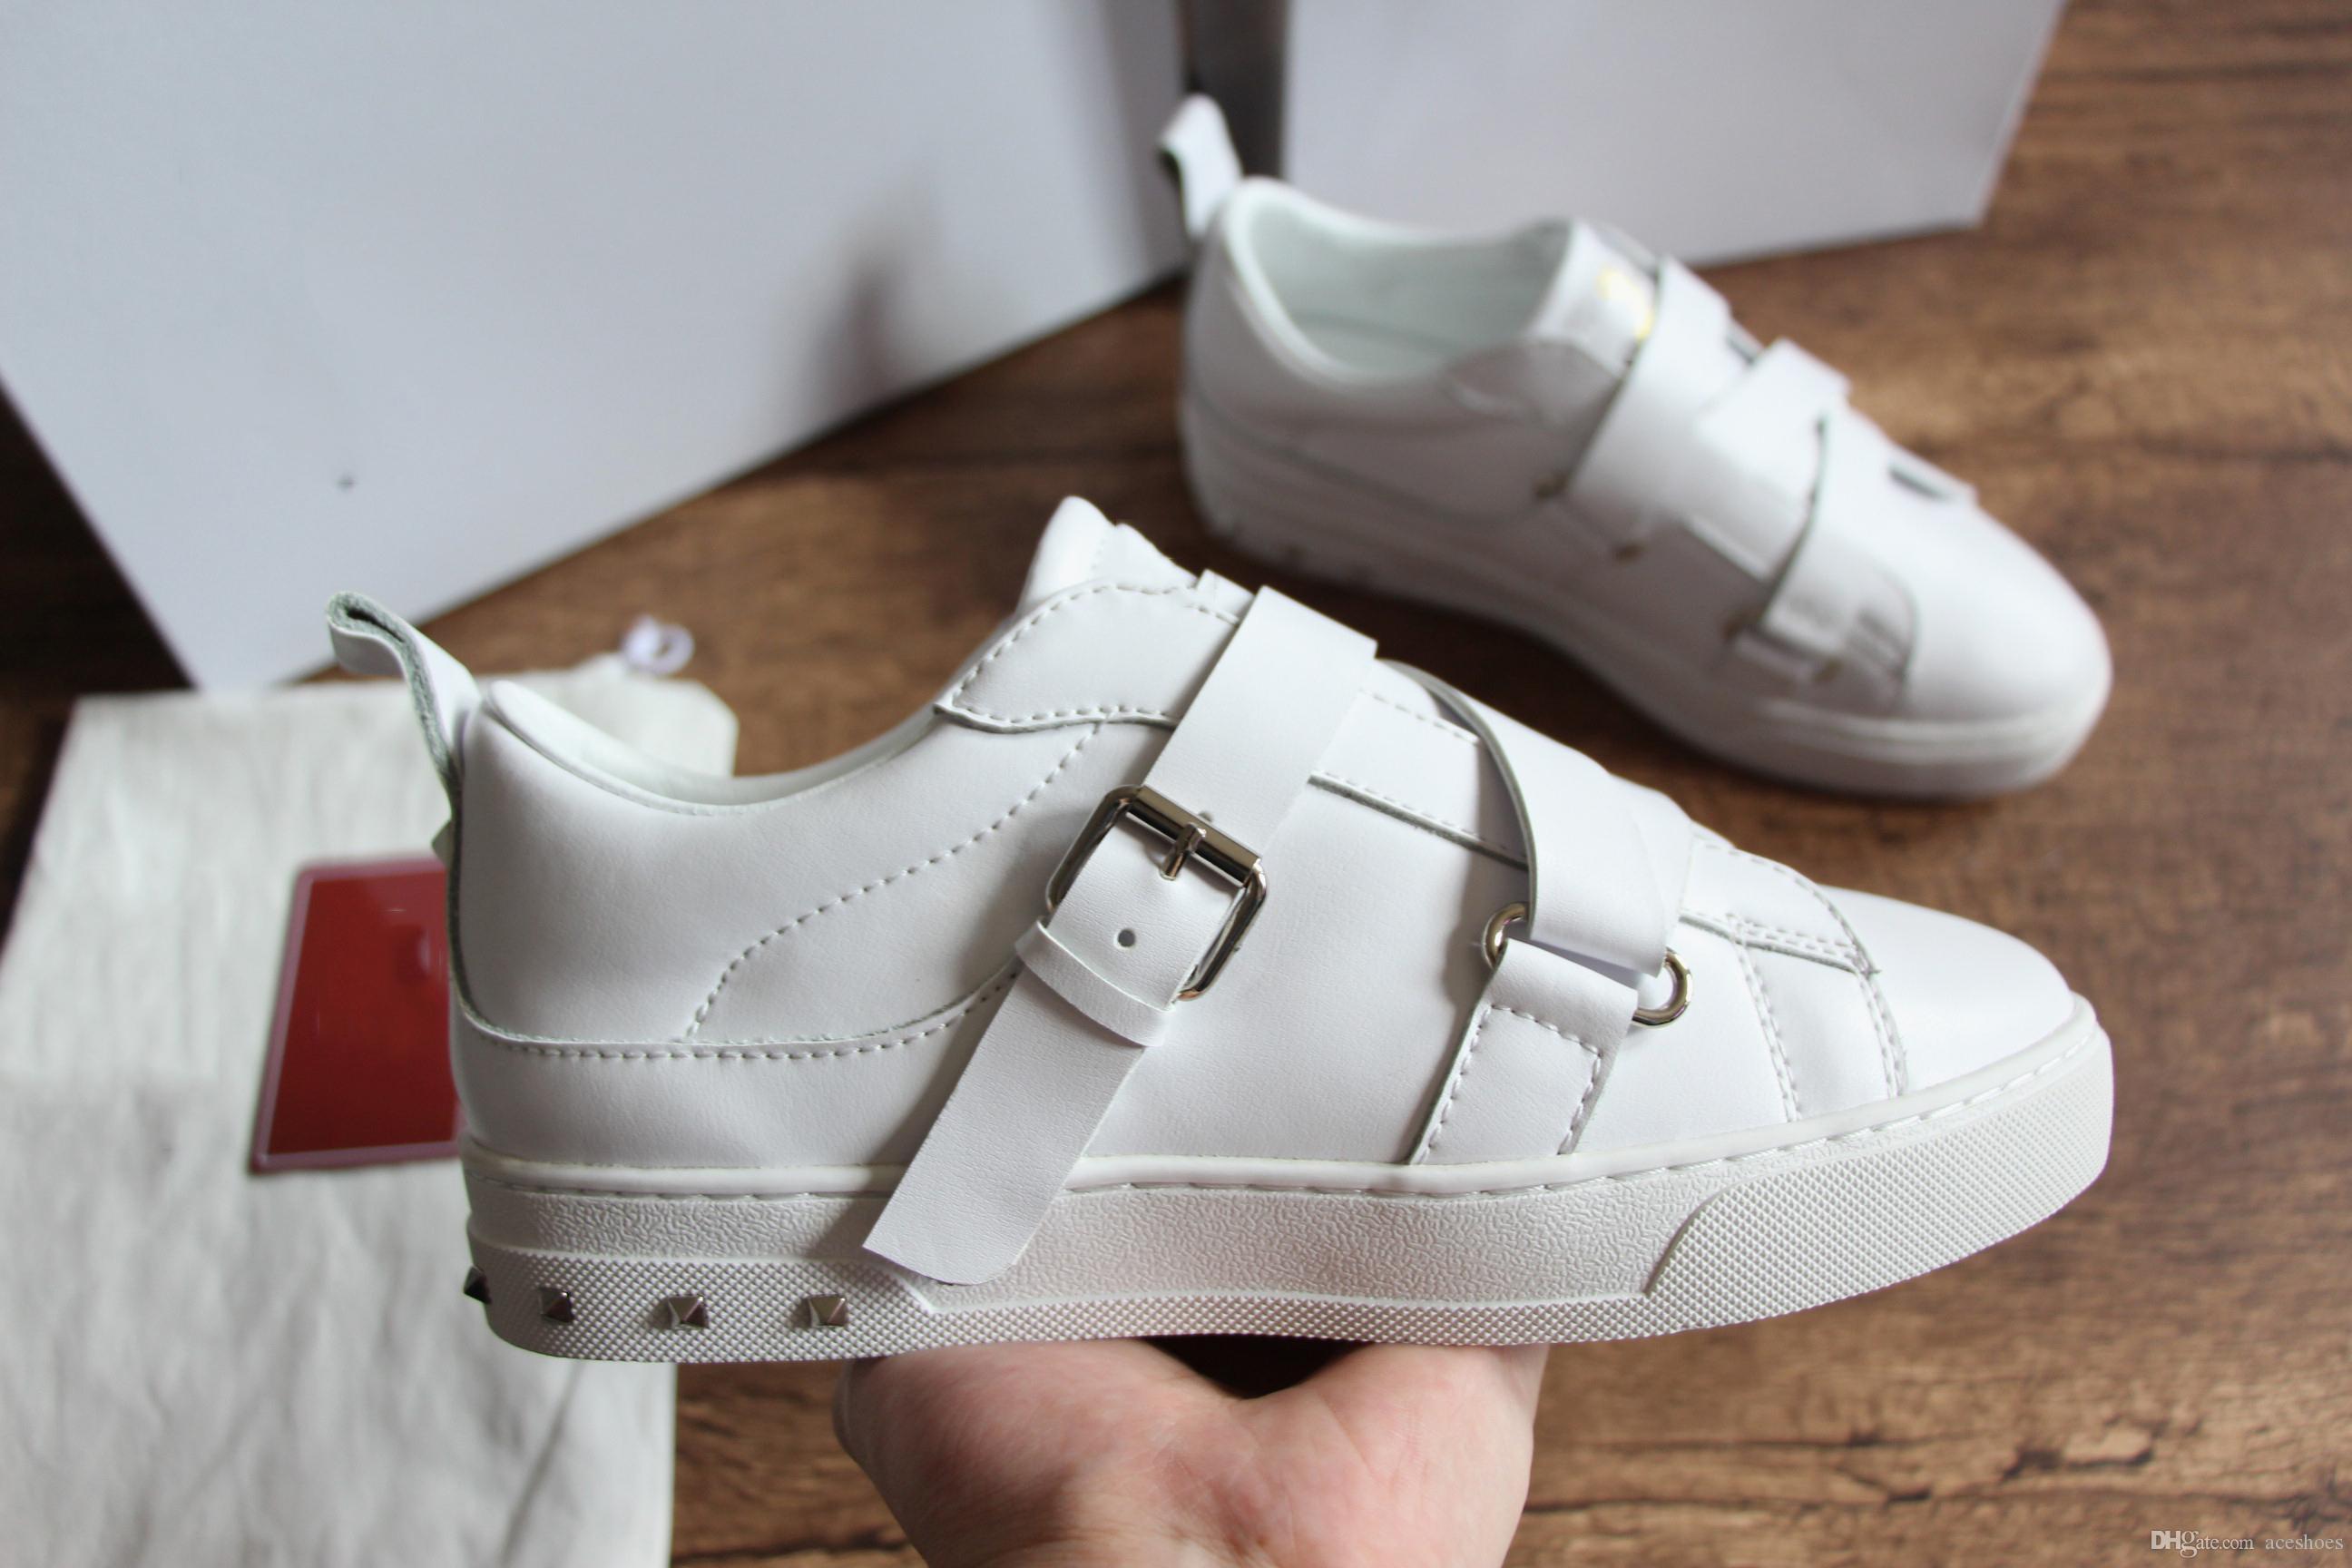 f4e1036bb5c700 Acquista Nuove Scarpe Da Uomo Di Design Da Uomo Di Lusso Con Nastro Di  Lusso Di Alta Qualità Di Marca Di Design Sneakers Scarpe Basse Bianco  Scatola ...